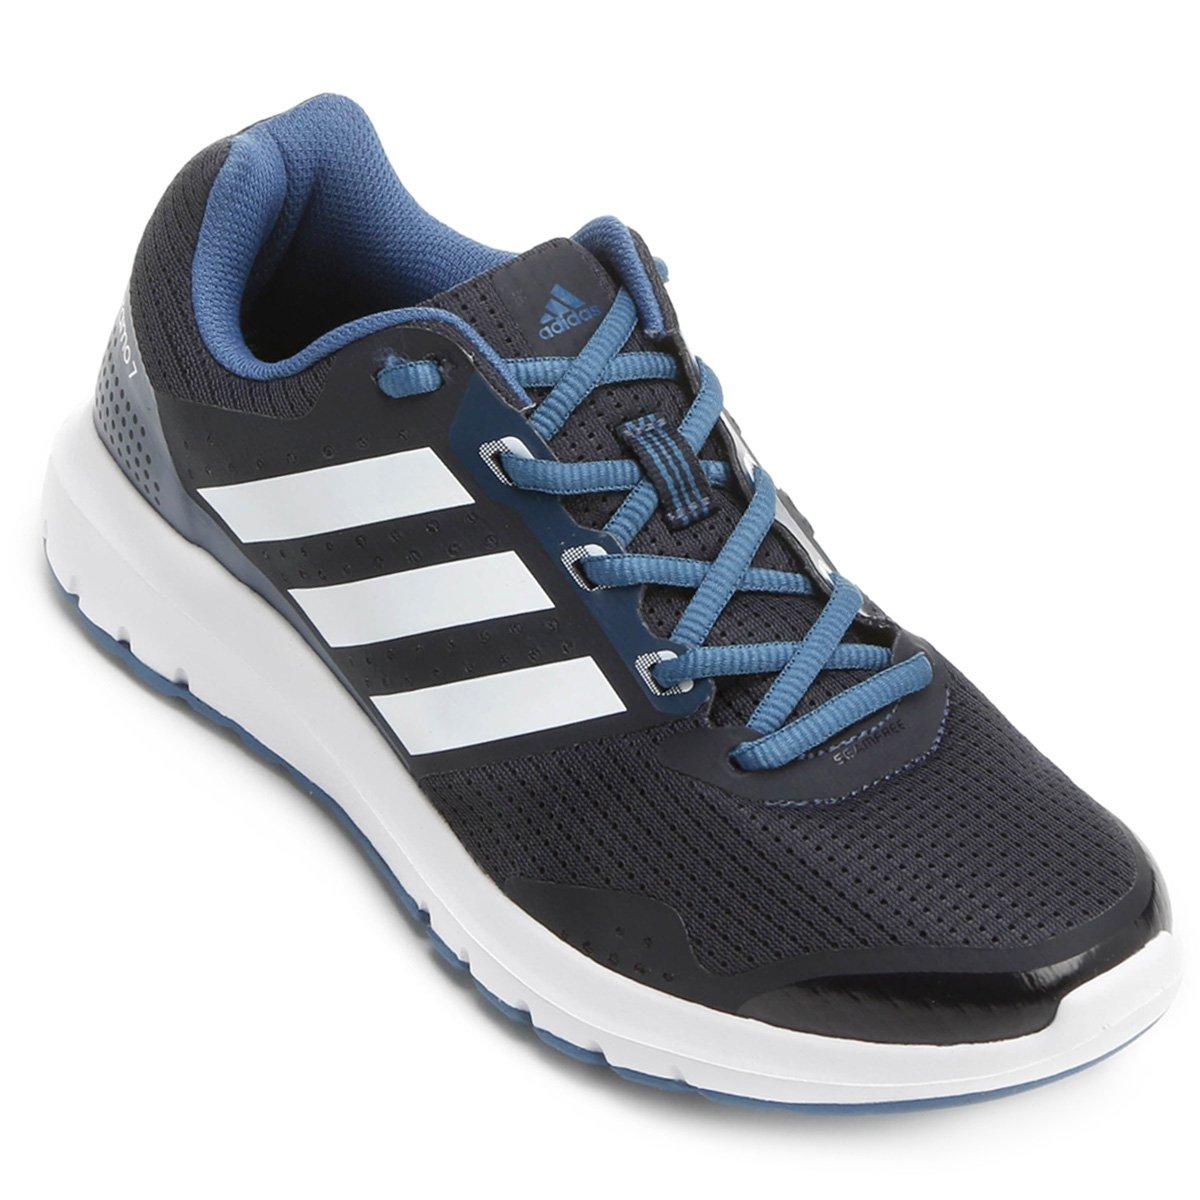 newest e234f 59d6b Tênis Adidas Duramo 7 Feminino - Preto e Azul - Compre Agora   Allianz  Parque Shop